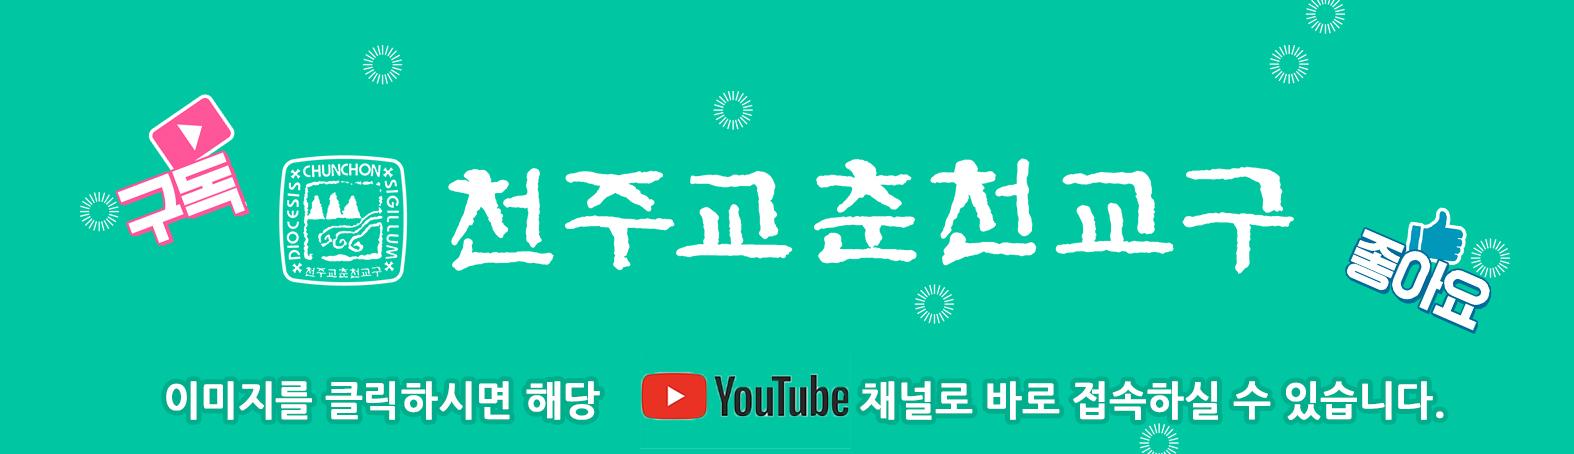 춘천교구 유튜브채널 배너.jpg